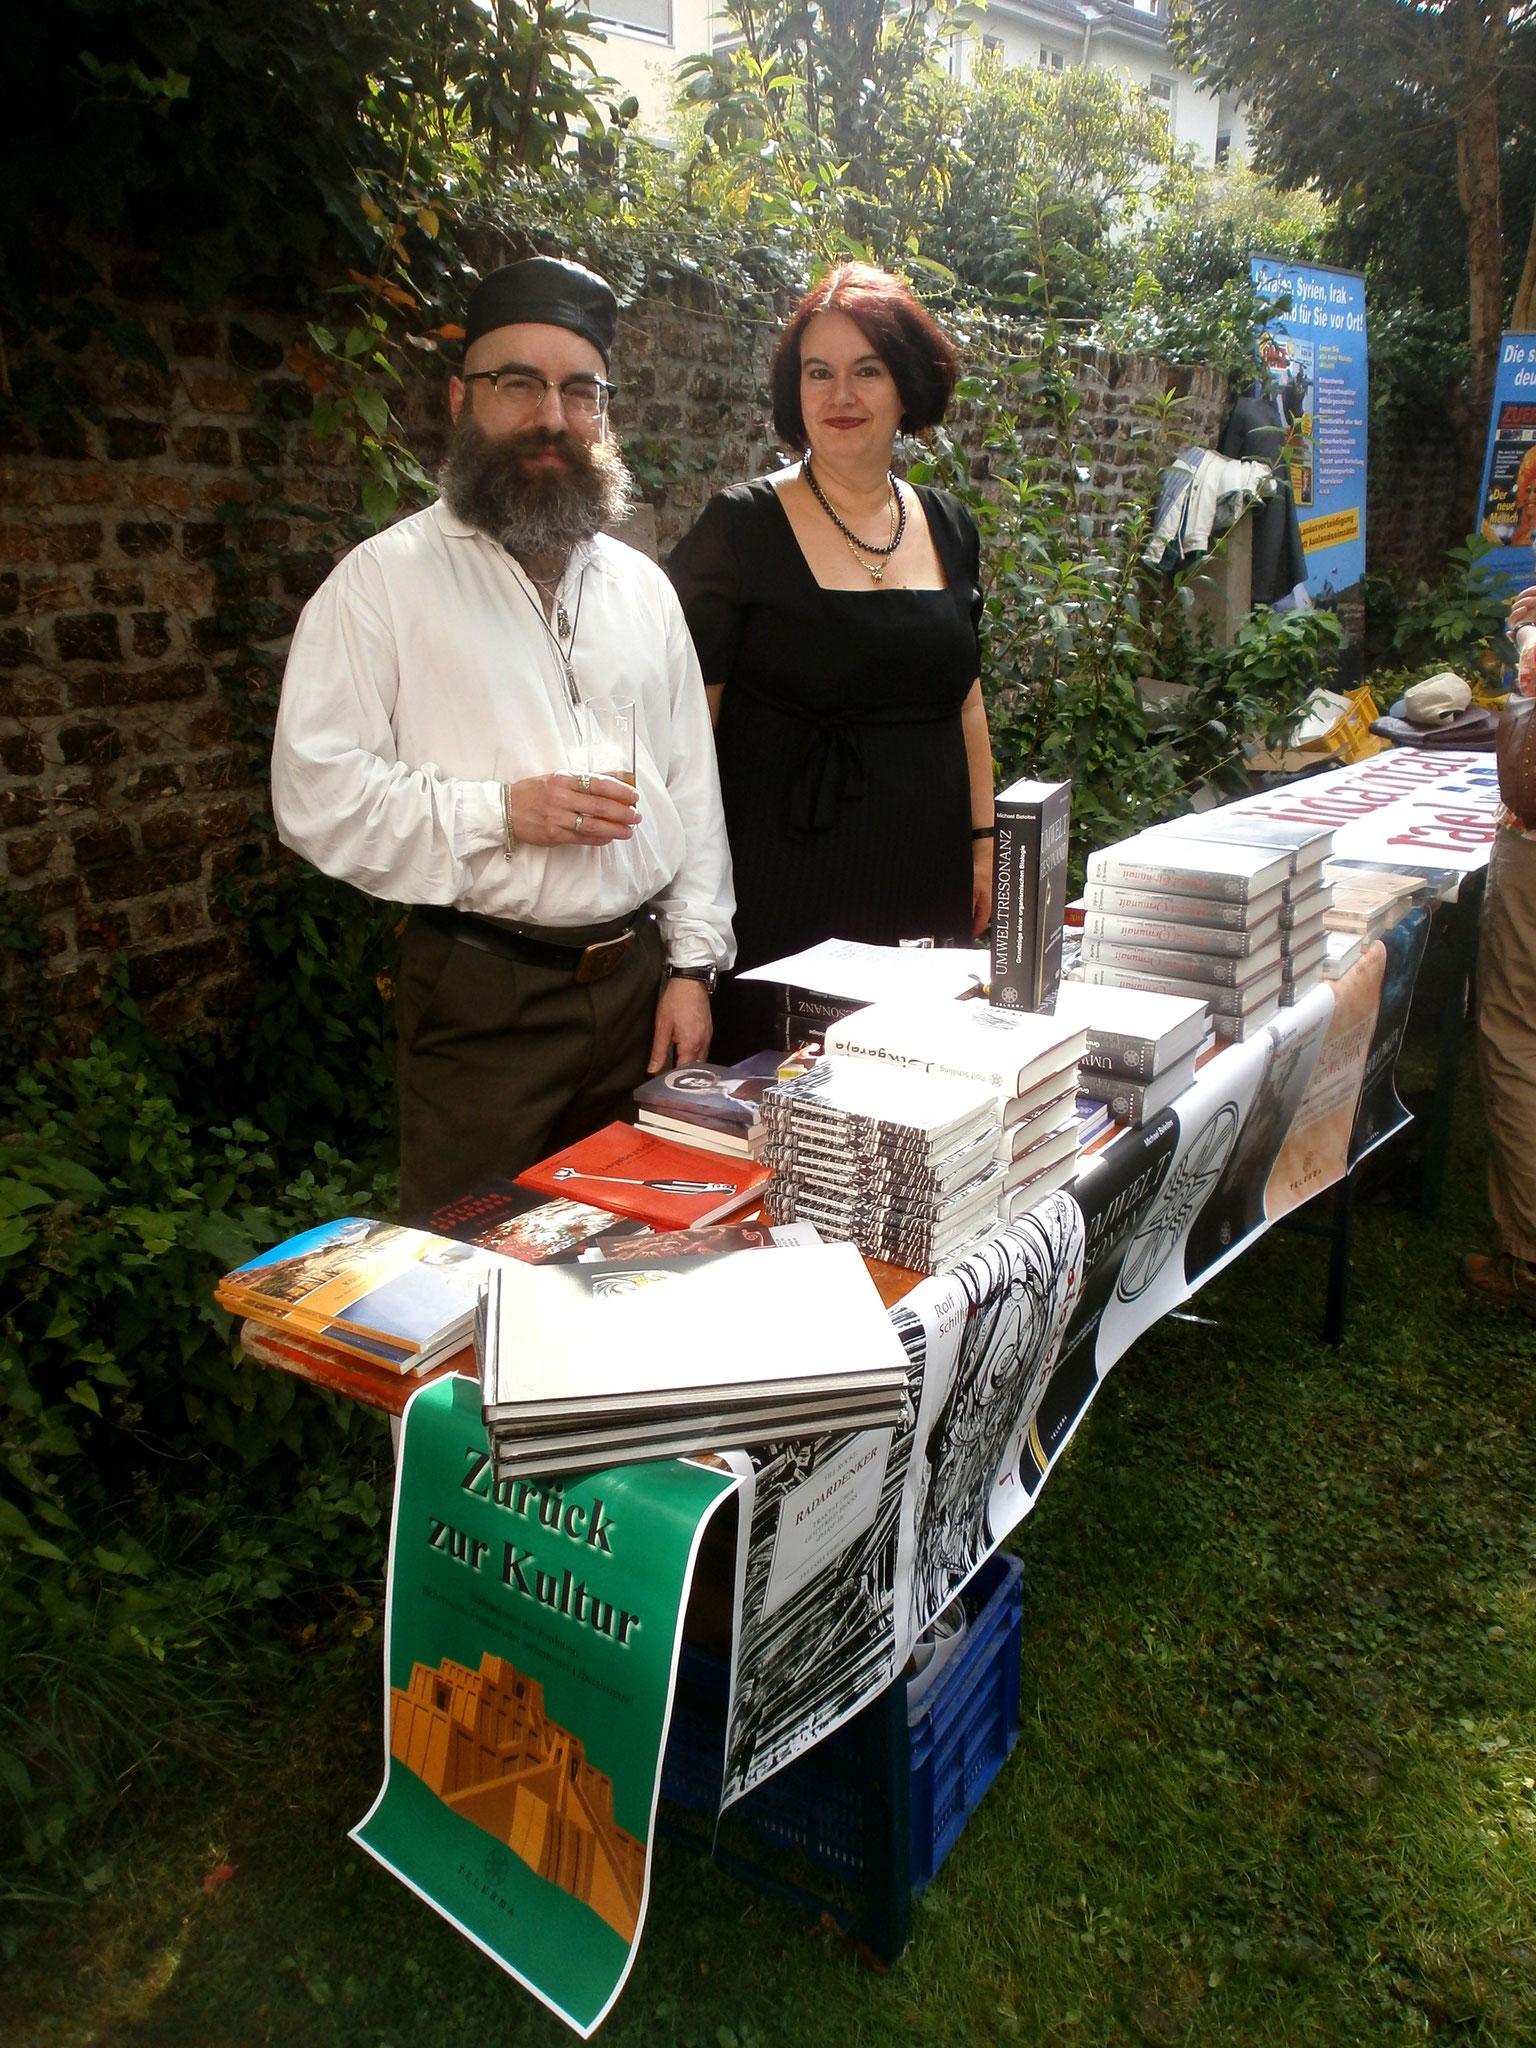 Büchertisch mit Dr. Baal Müller und seiner Lebensgefährtin Christine Mey